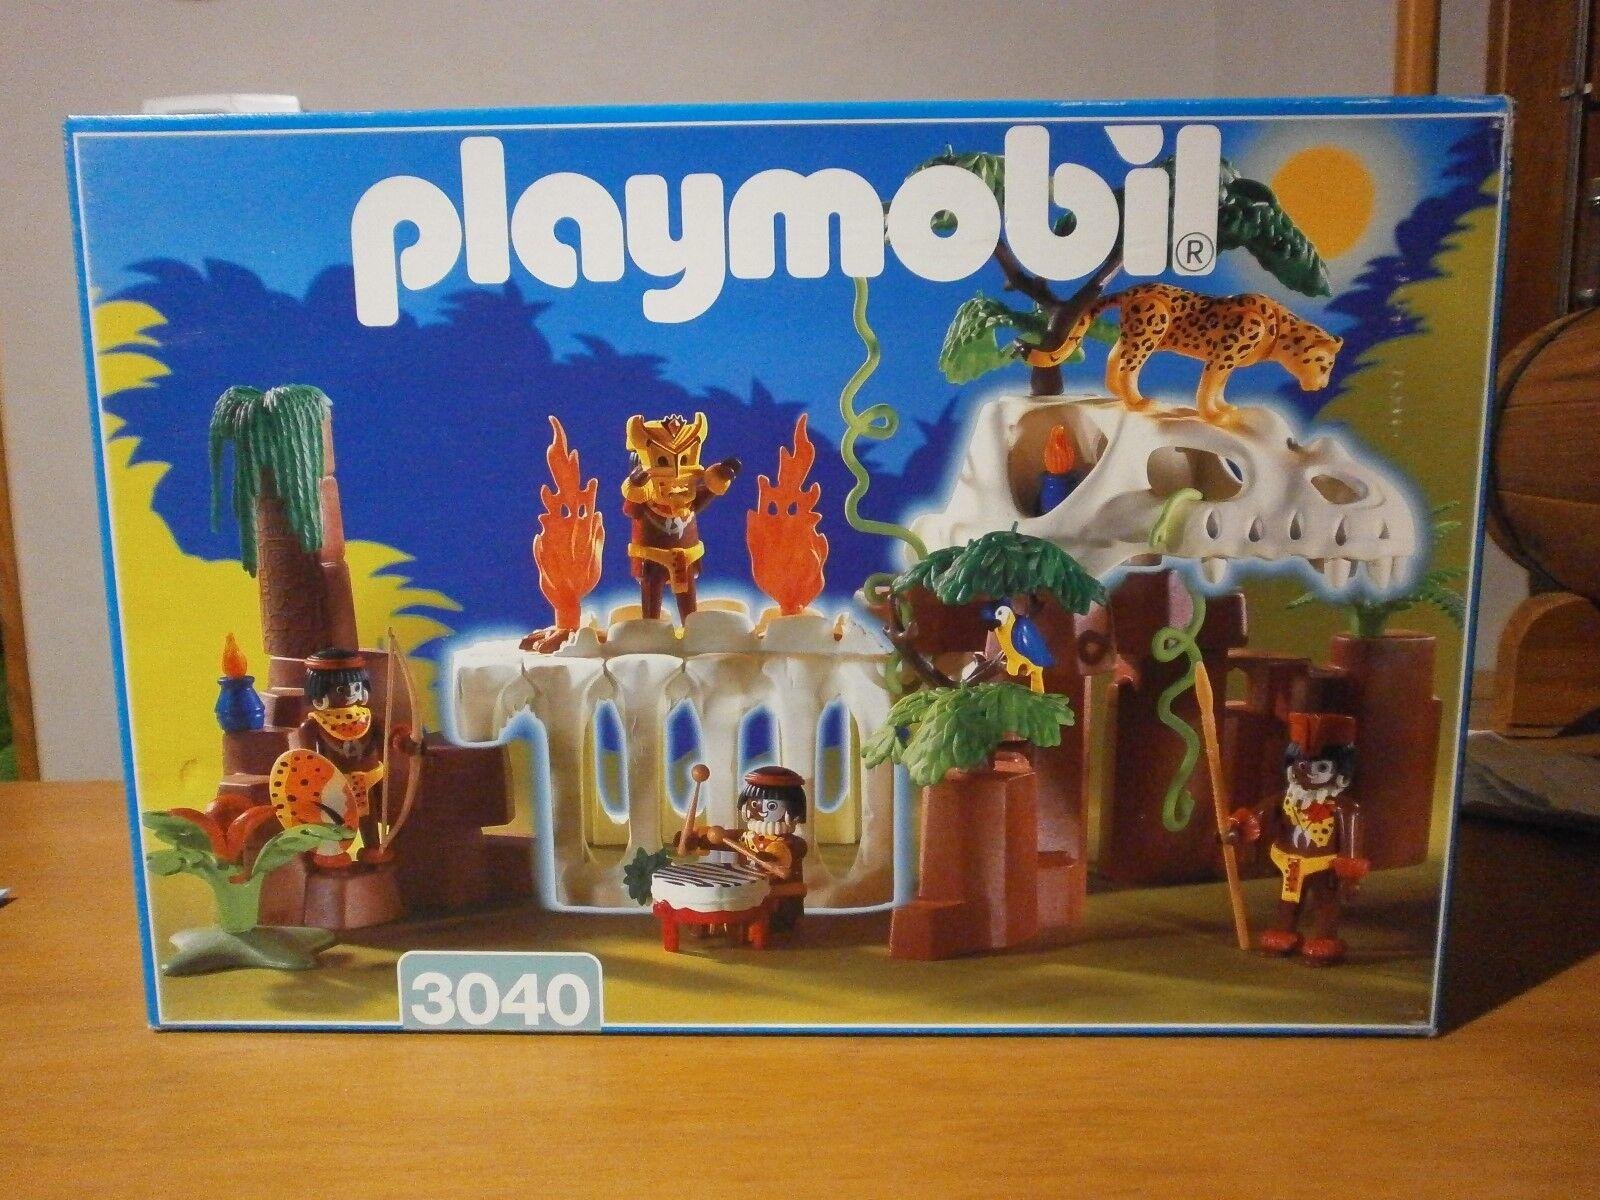 Rare  cette boîte PLAYMOBIL les indigènes de la jungle réf 3040 de 1998 (complet)  60% de réduction